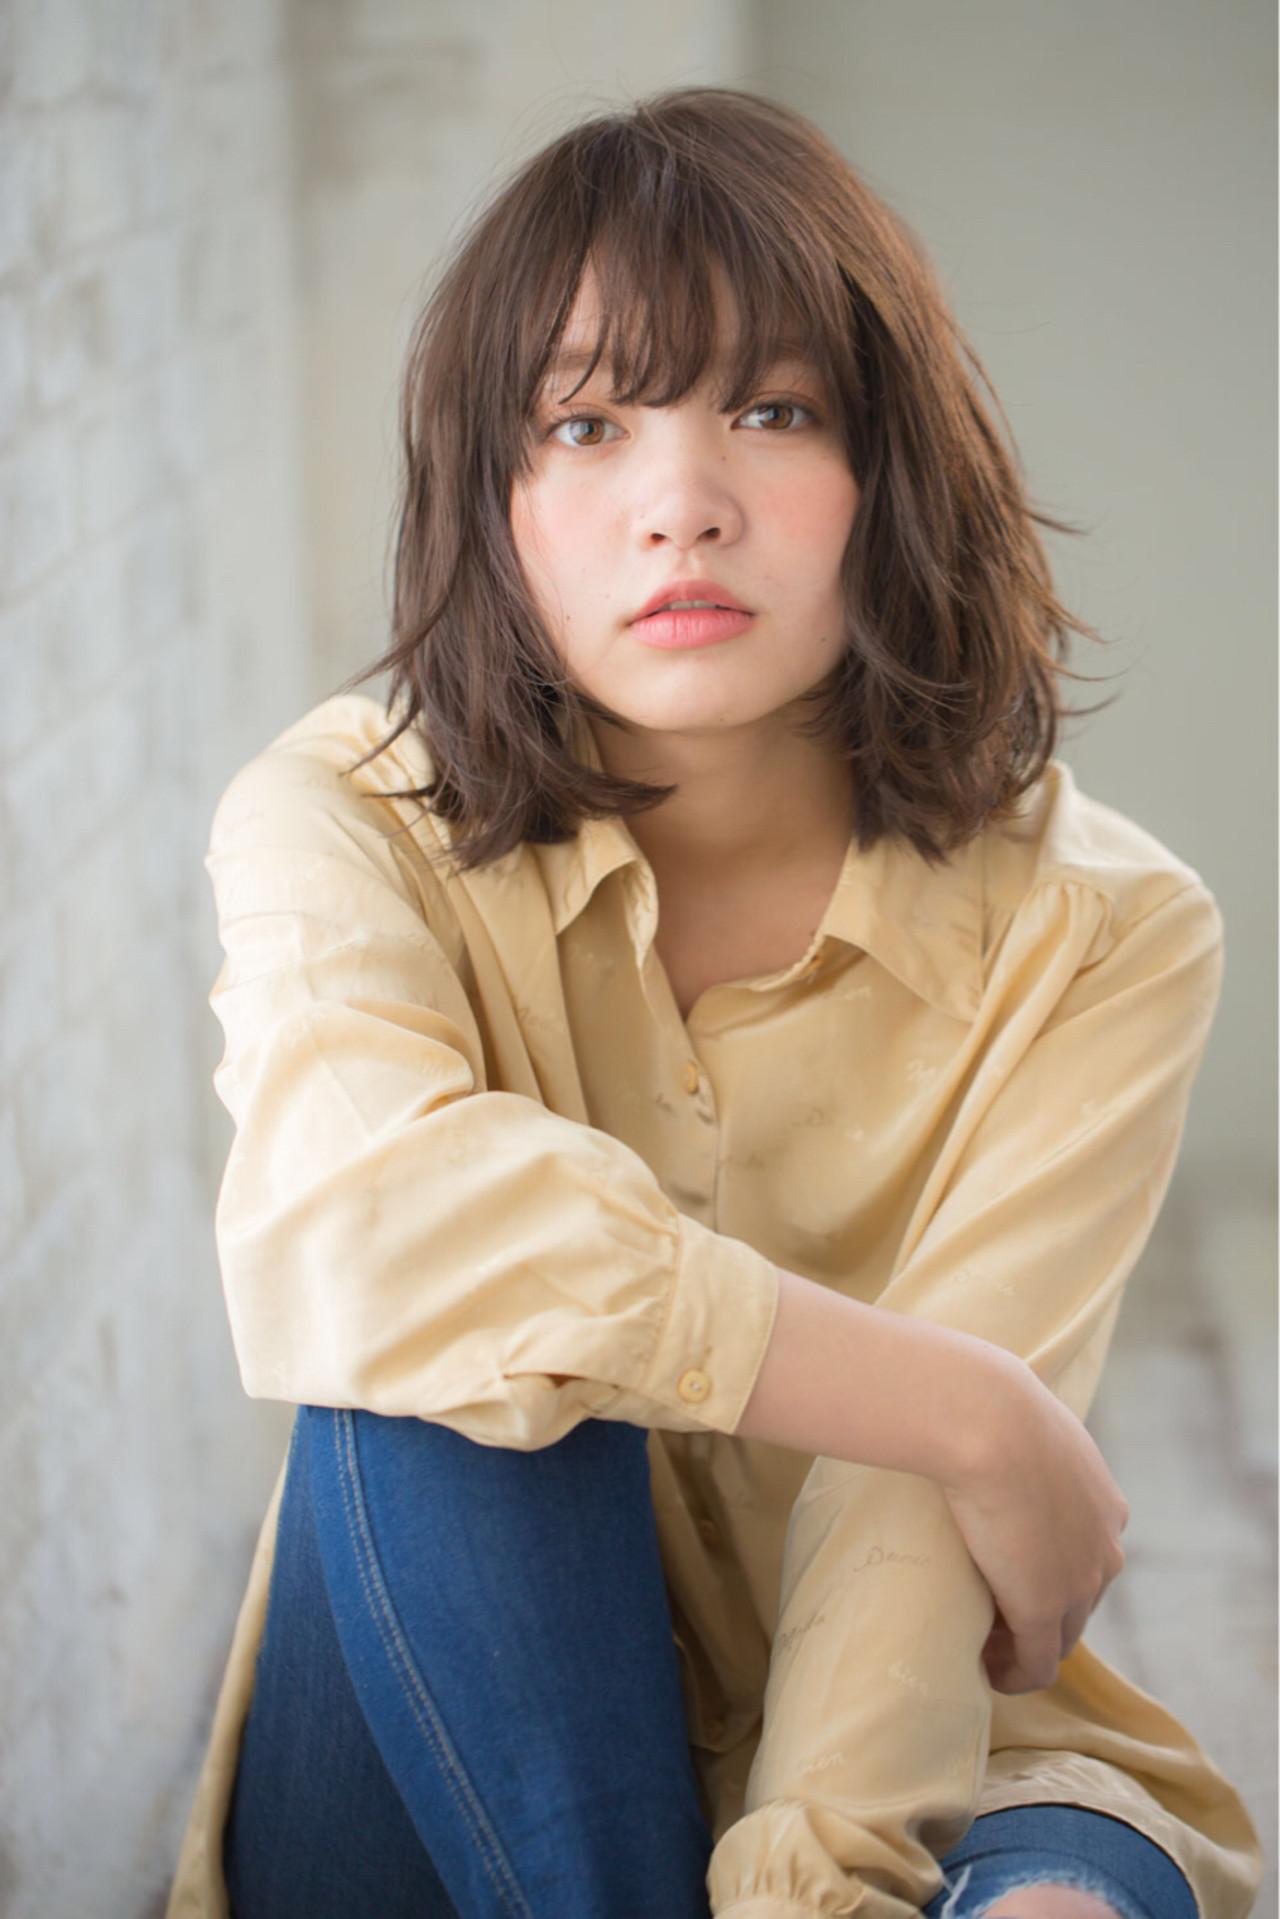 ミディアム デジタルパーマ 黒髪 パーマ ヘアスタイルや髪型の写真・画像